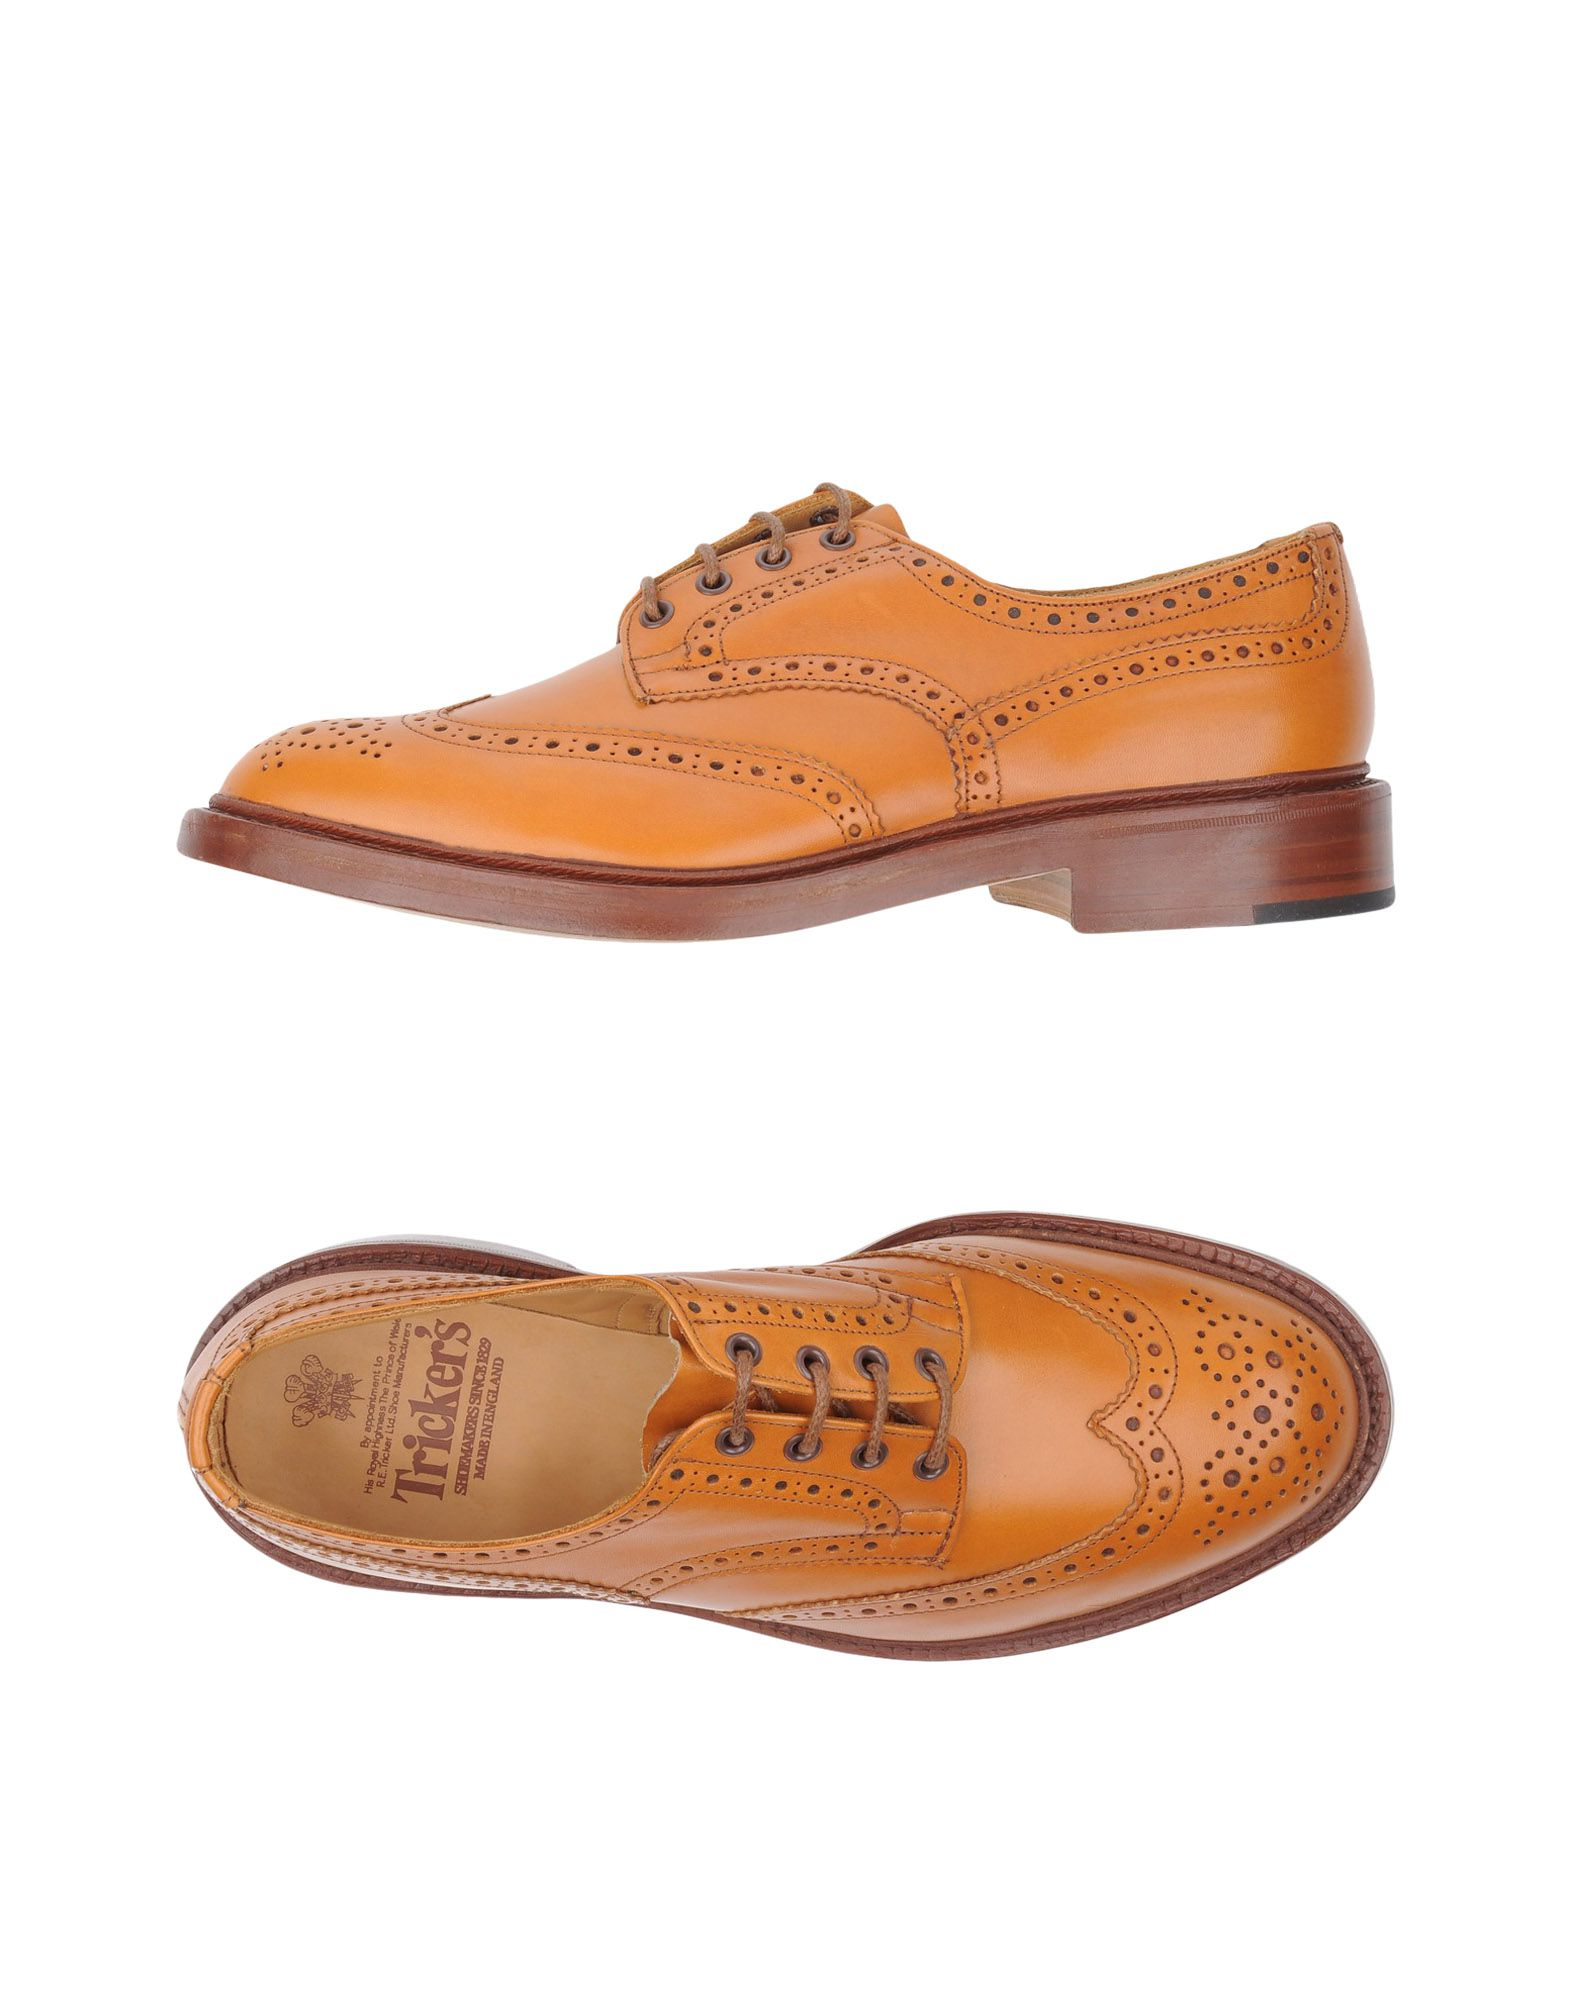 Tricker's Schnürschuhe Herren  beliebte 11245131HG Gute Qualität beliebte  Schuhe dcb4d3